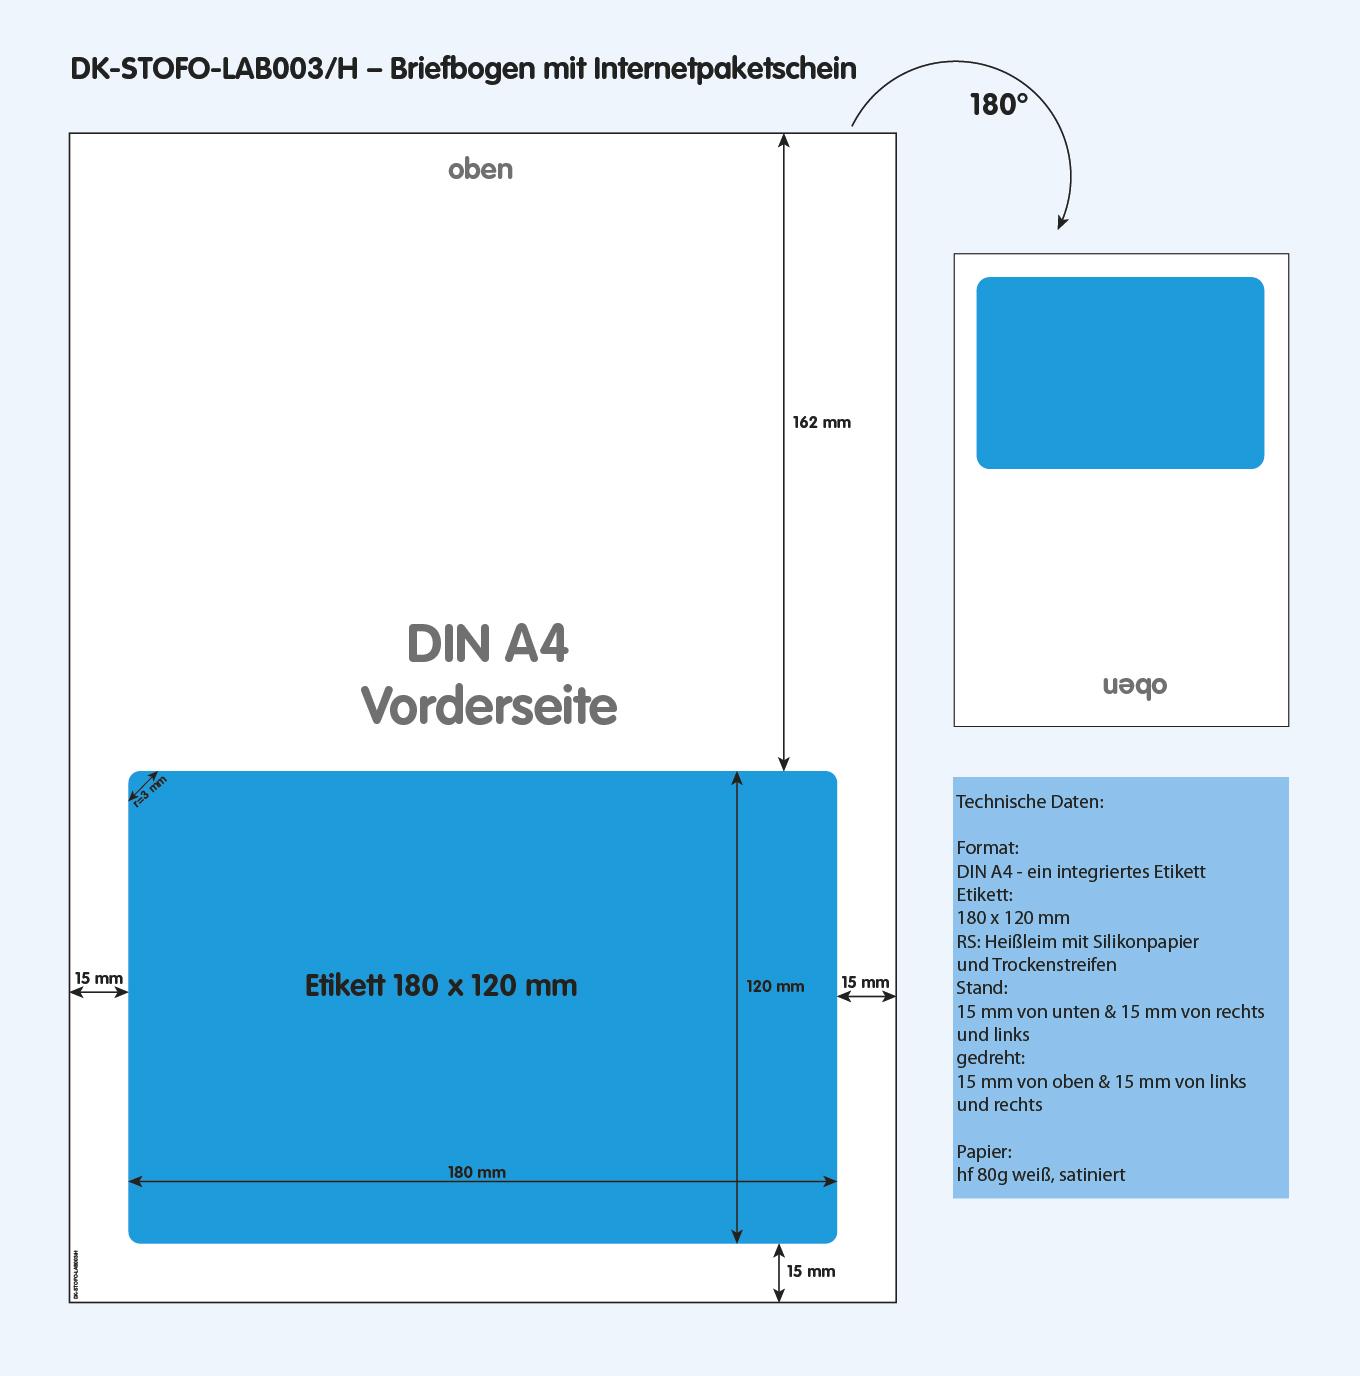 DK-STOFO-LAB003/H - technische Zeichnung